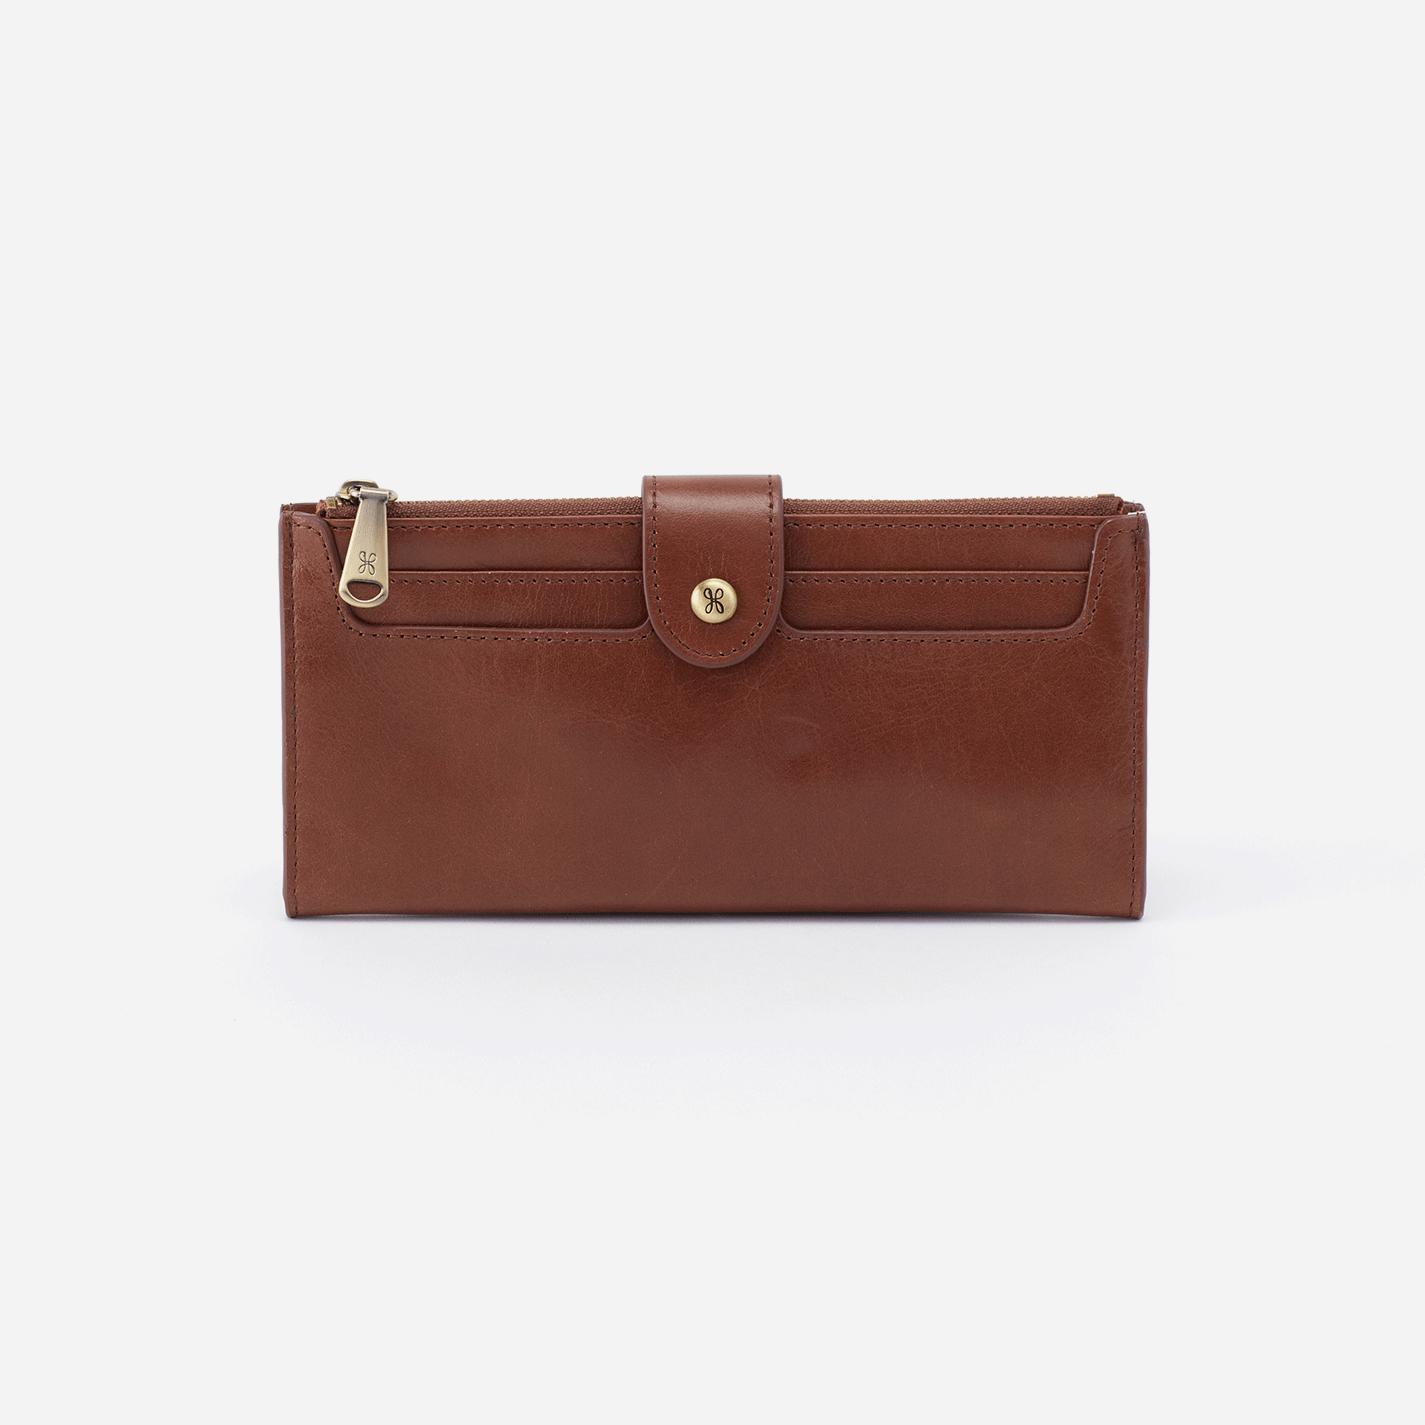 HOBO Dunn Wallet